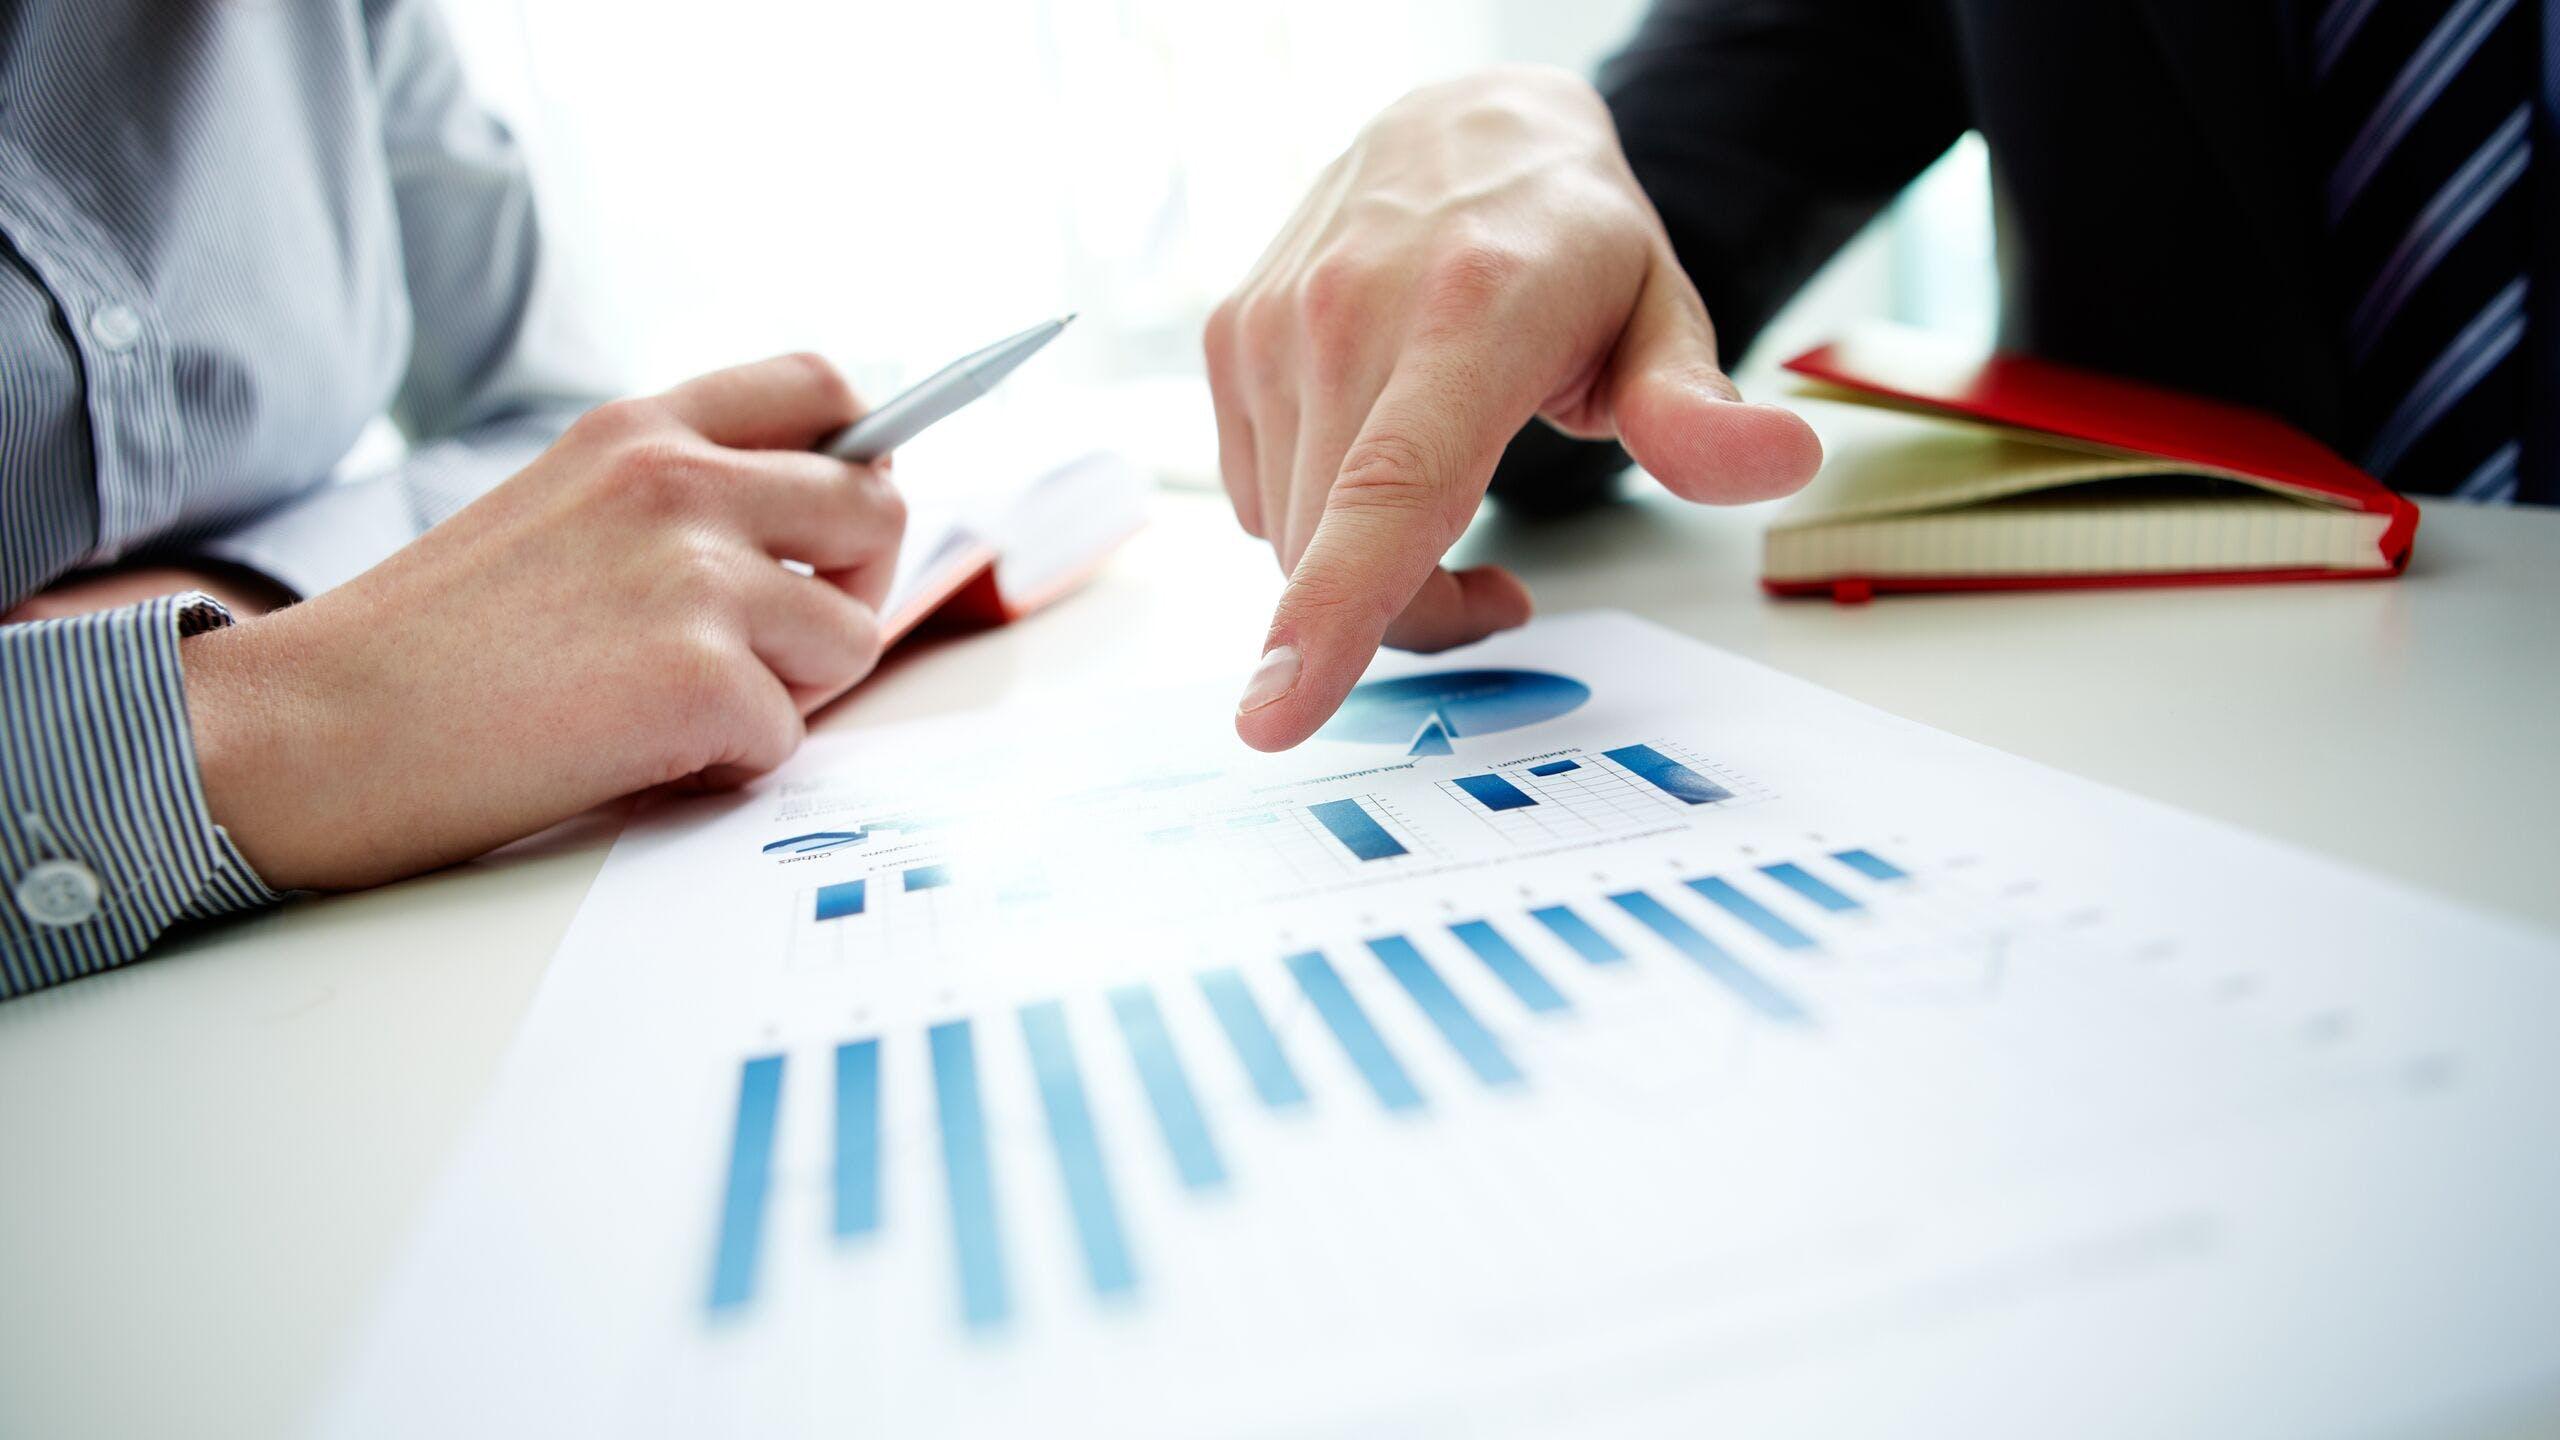 AXA Luxembourg - Prêt immobilier : choisir la structure de financement la mieux adaptée